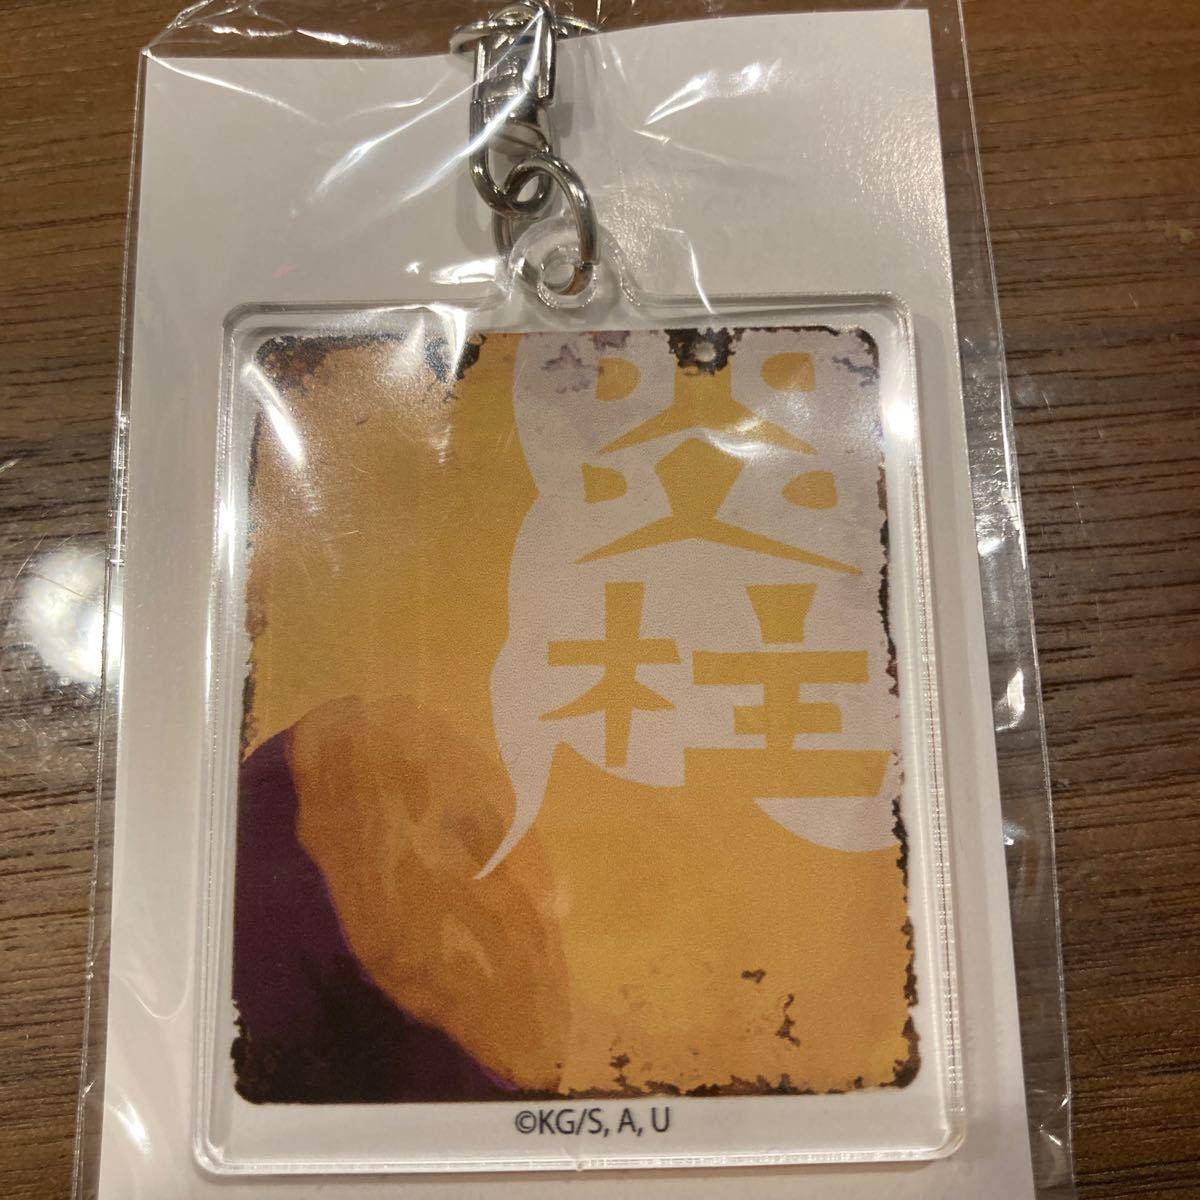 鬼滅の刃 キーホルダー 煉獄杏寿郎